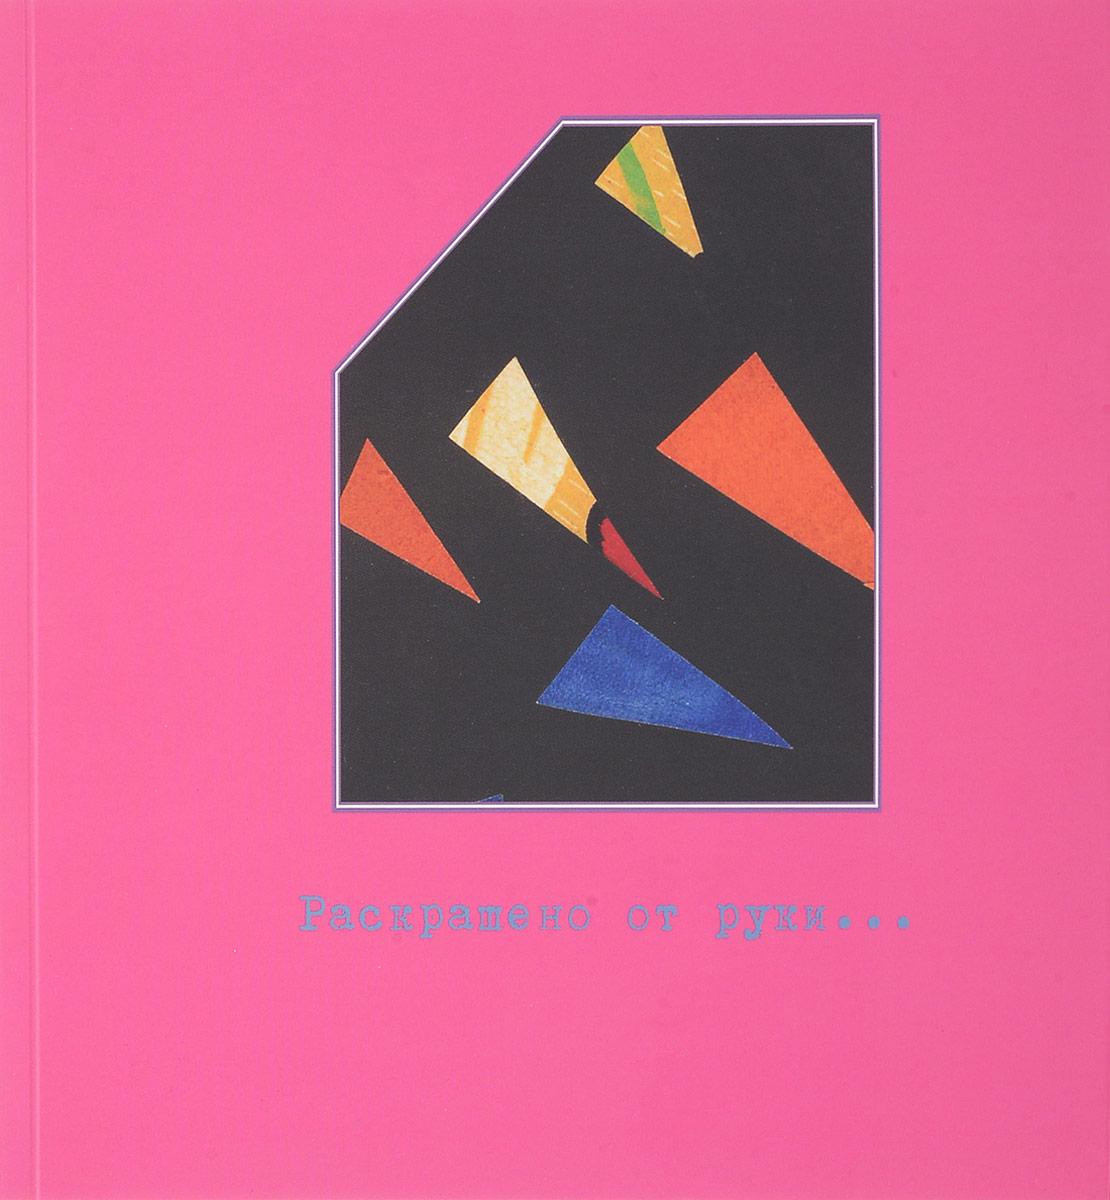 Раскрашено от руки... Фонд редкой книги. Каталог выставки каталог учебной литературы